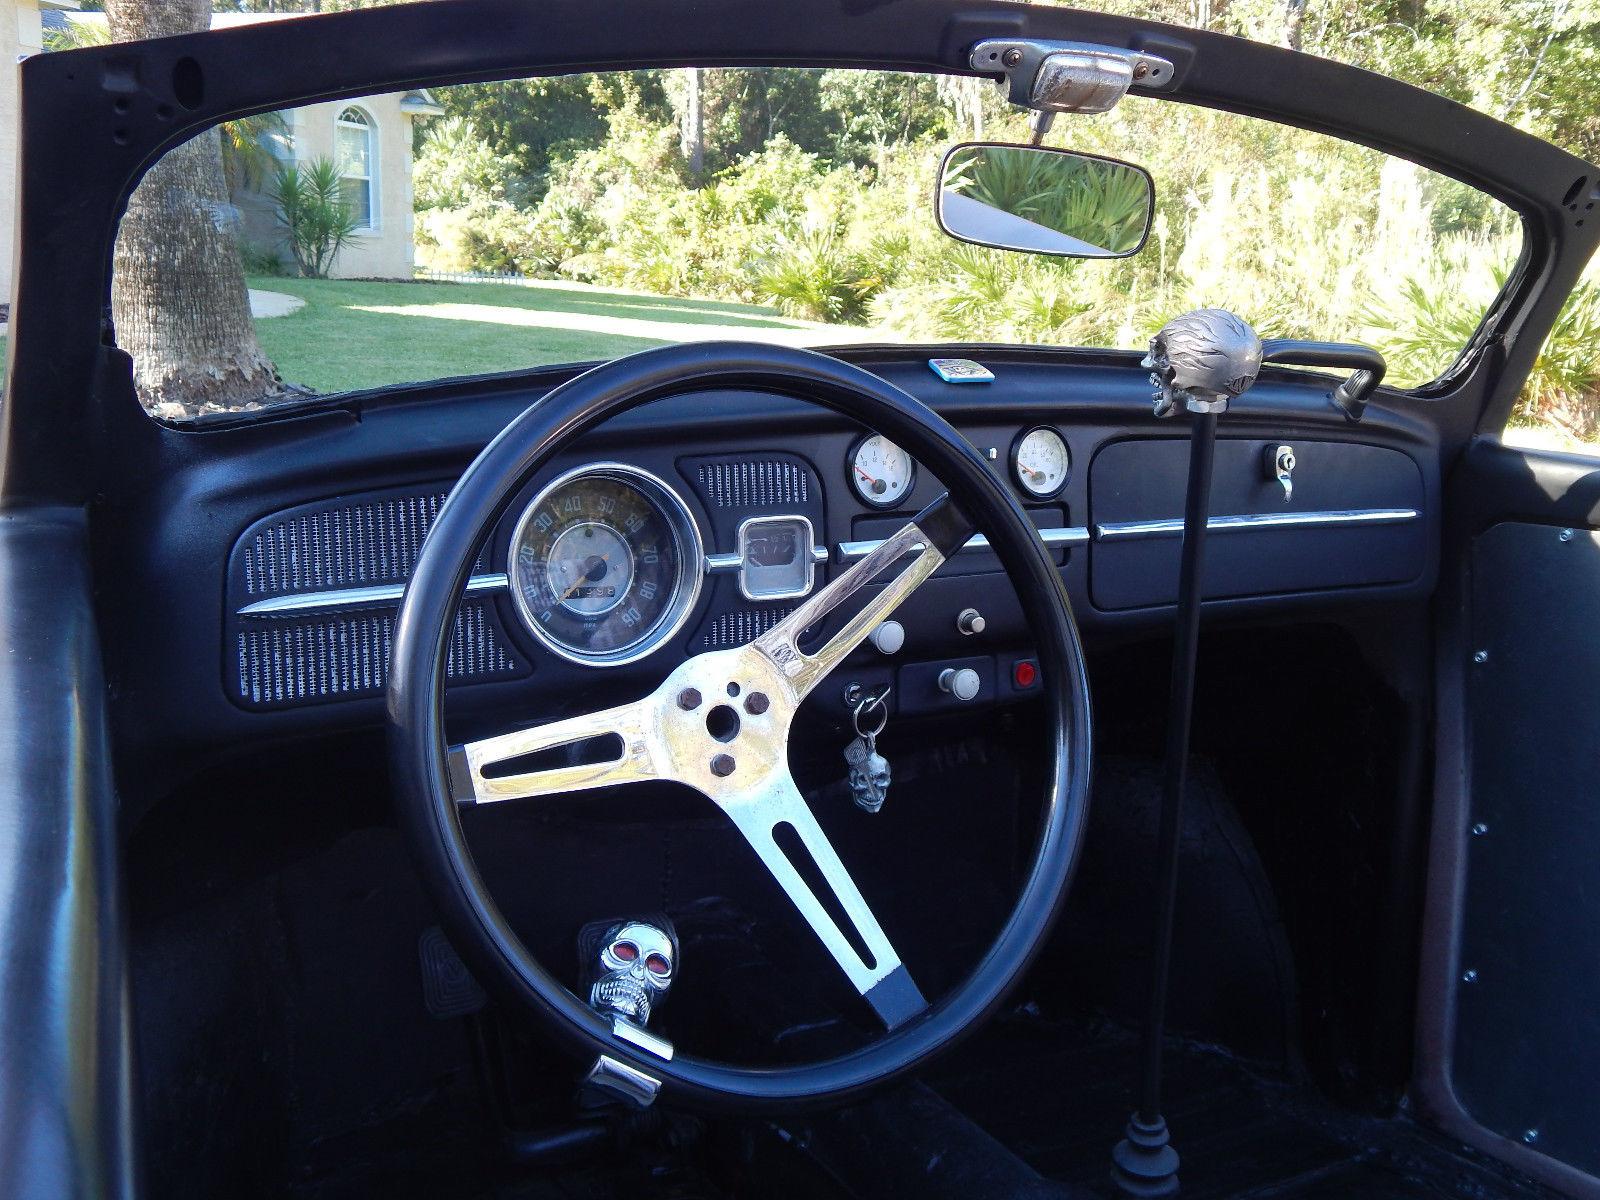 Volkswagen Rat Rod Antique Hot Rod Street Rod Dune Buggy Convertible NO RESERVE